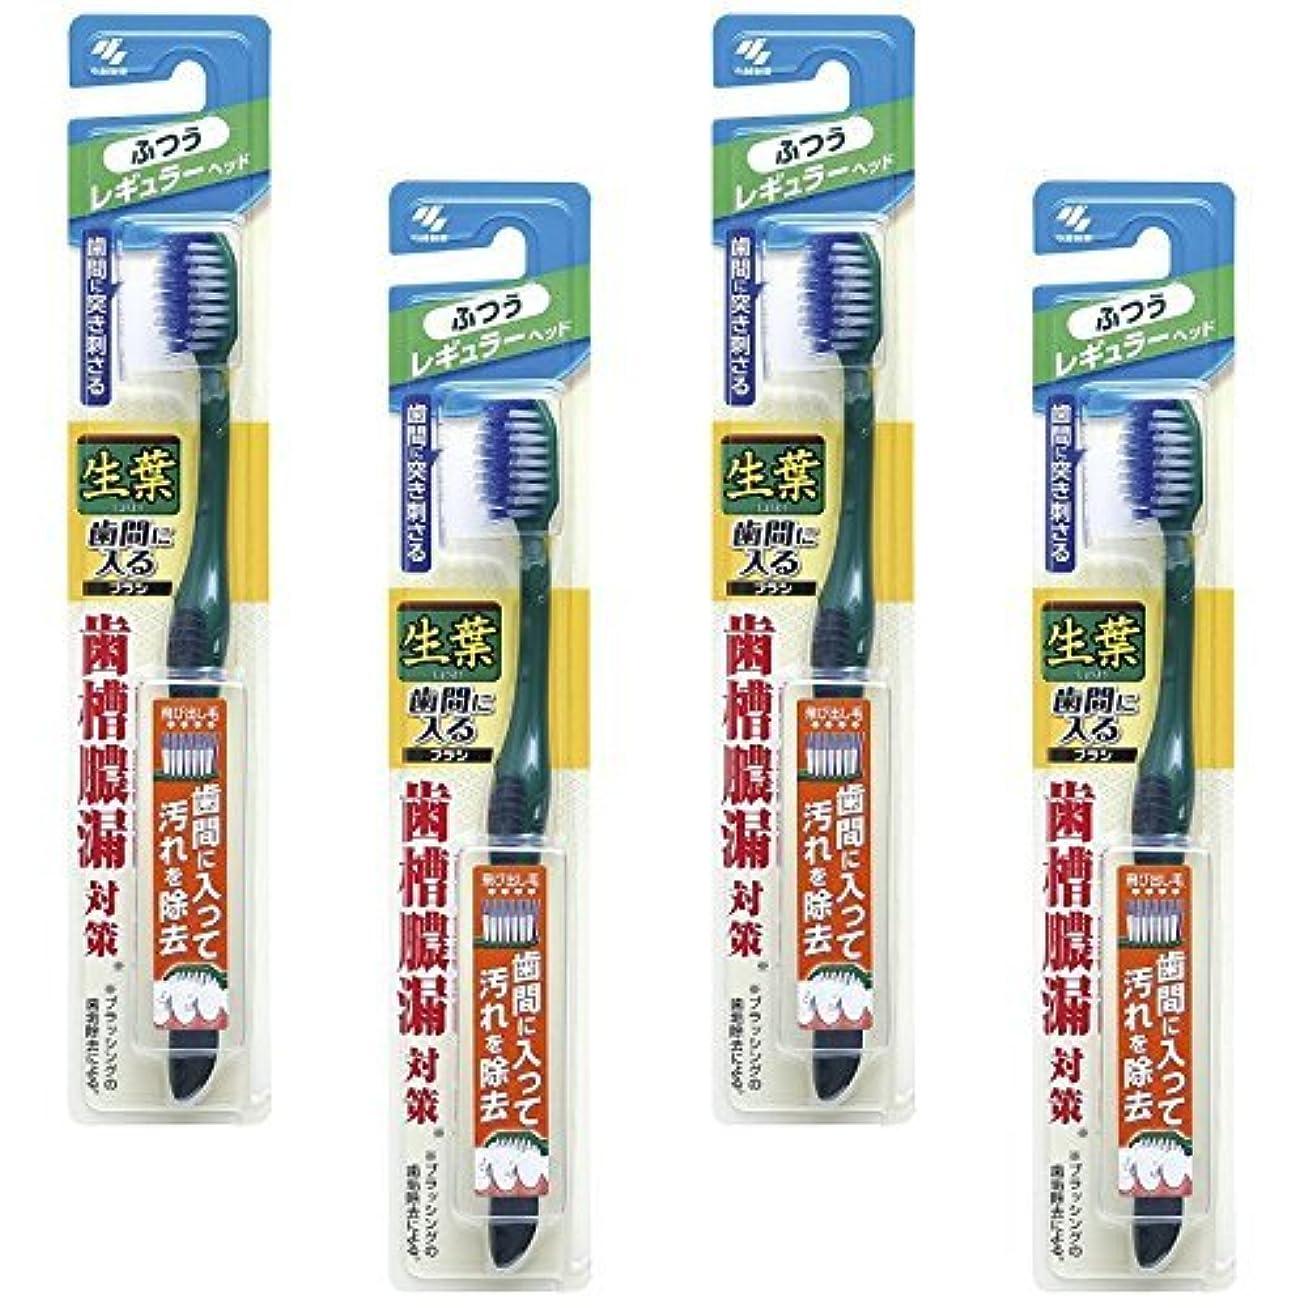 延ばす極めて重要な盆地【まとめ買い】生葉(しょうよう)歯間に入るブラシ 歯ブラシ レギュラー ふつう ×4個